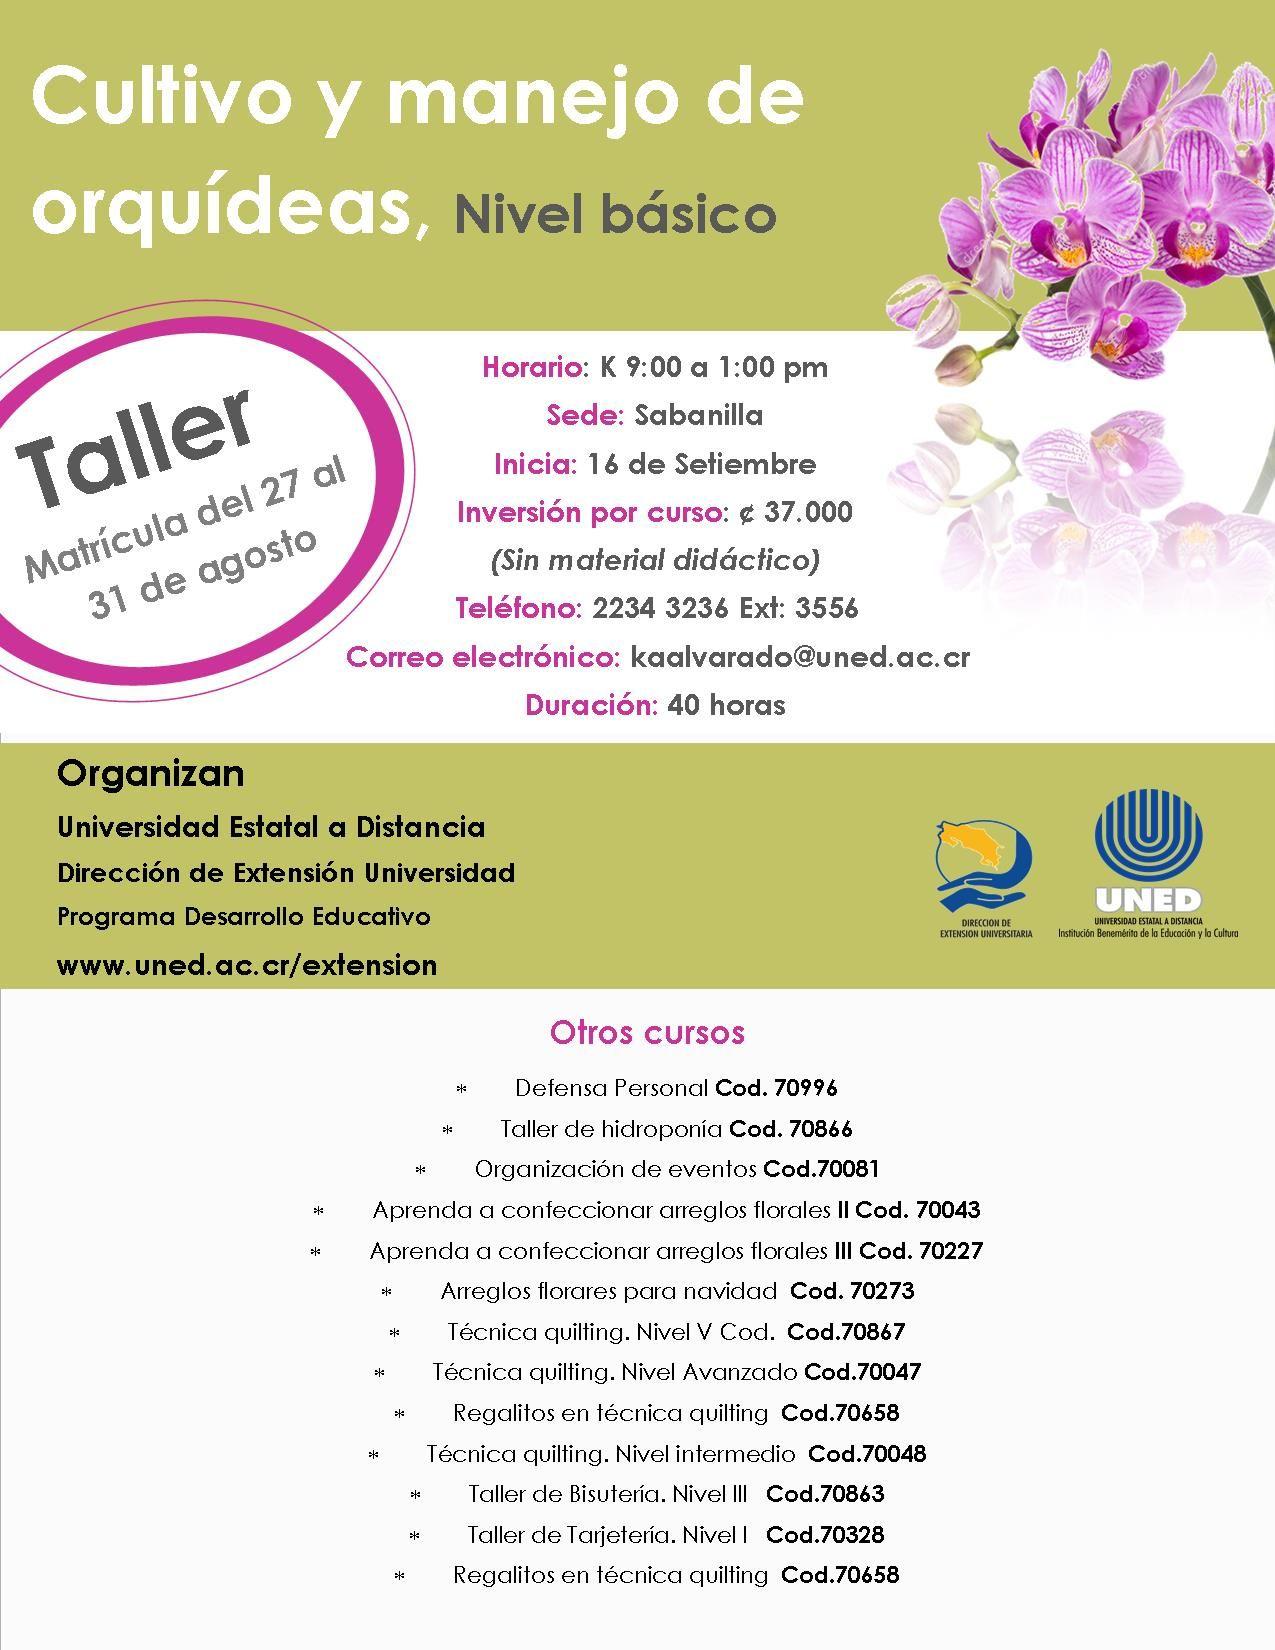 Taller Cultivo Y Manejo De Orquídeas Básico Nivel 1 Cod 70599 Matrícula Del 27 Al 31 De Agosto Ver Detalles De Todos Los Cursos Descargando Oferta Completa En